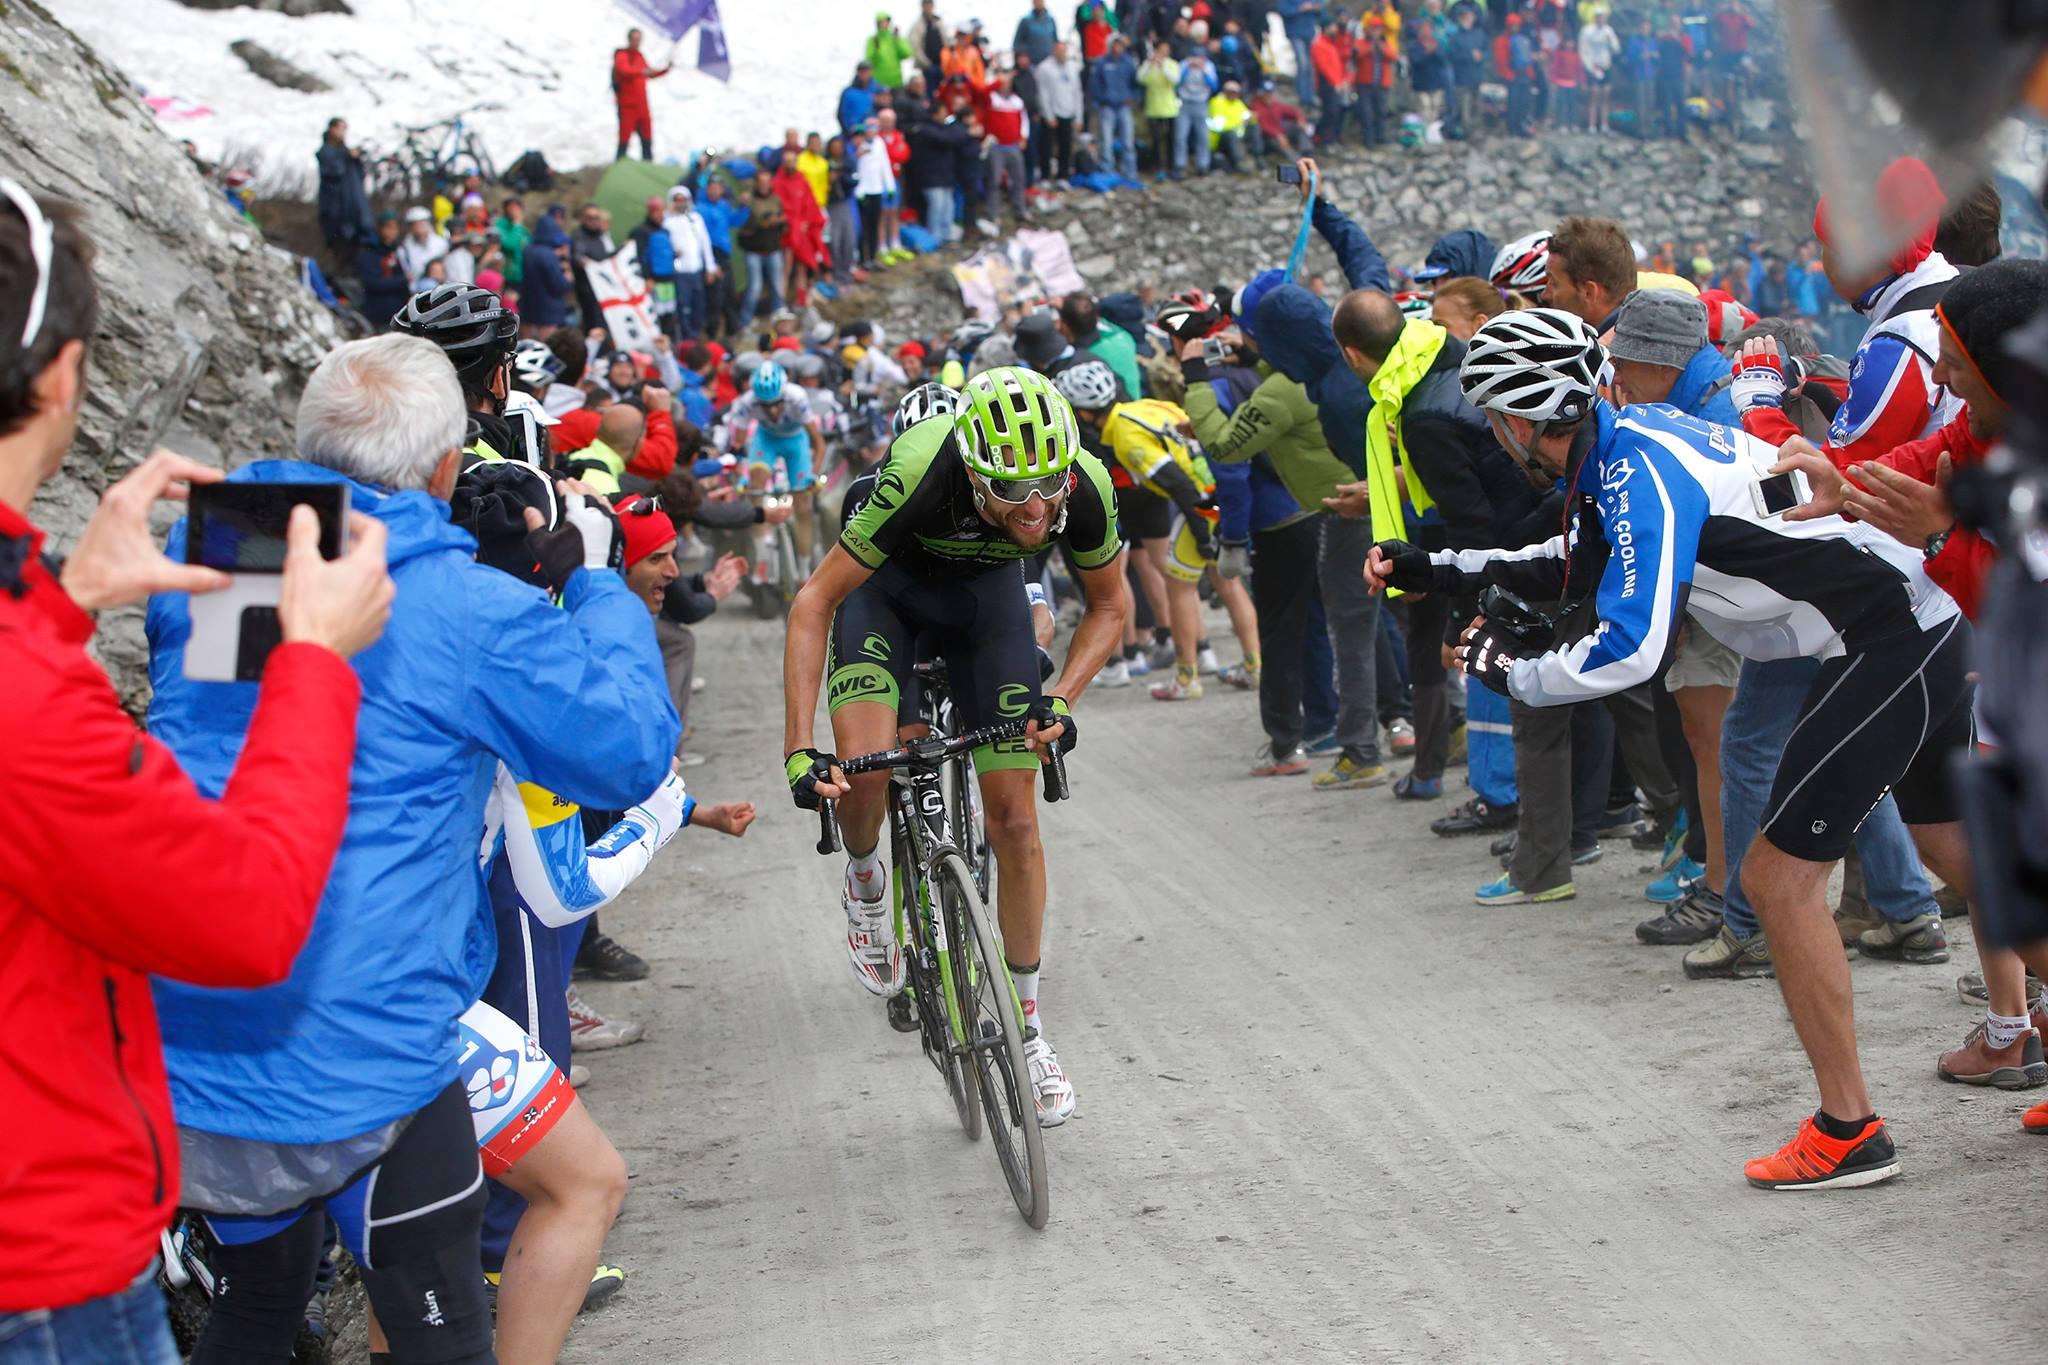 Die Tifosi feuern die Fahrer des Giro d'Italia 2015 an